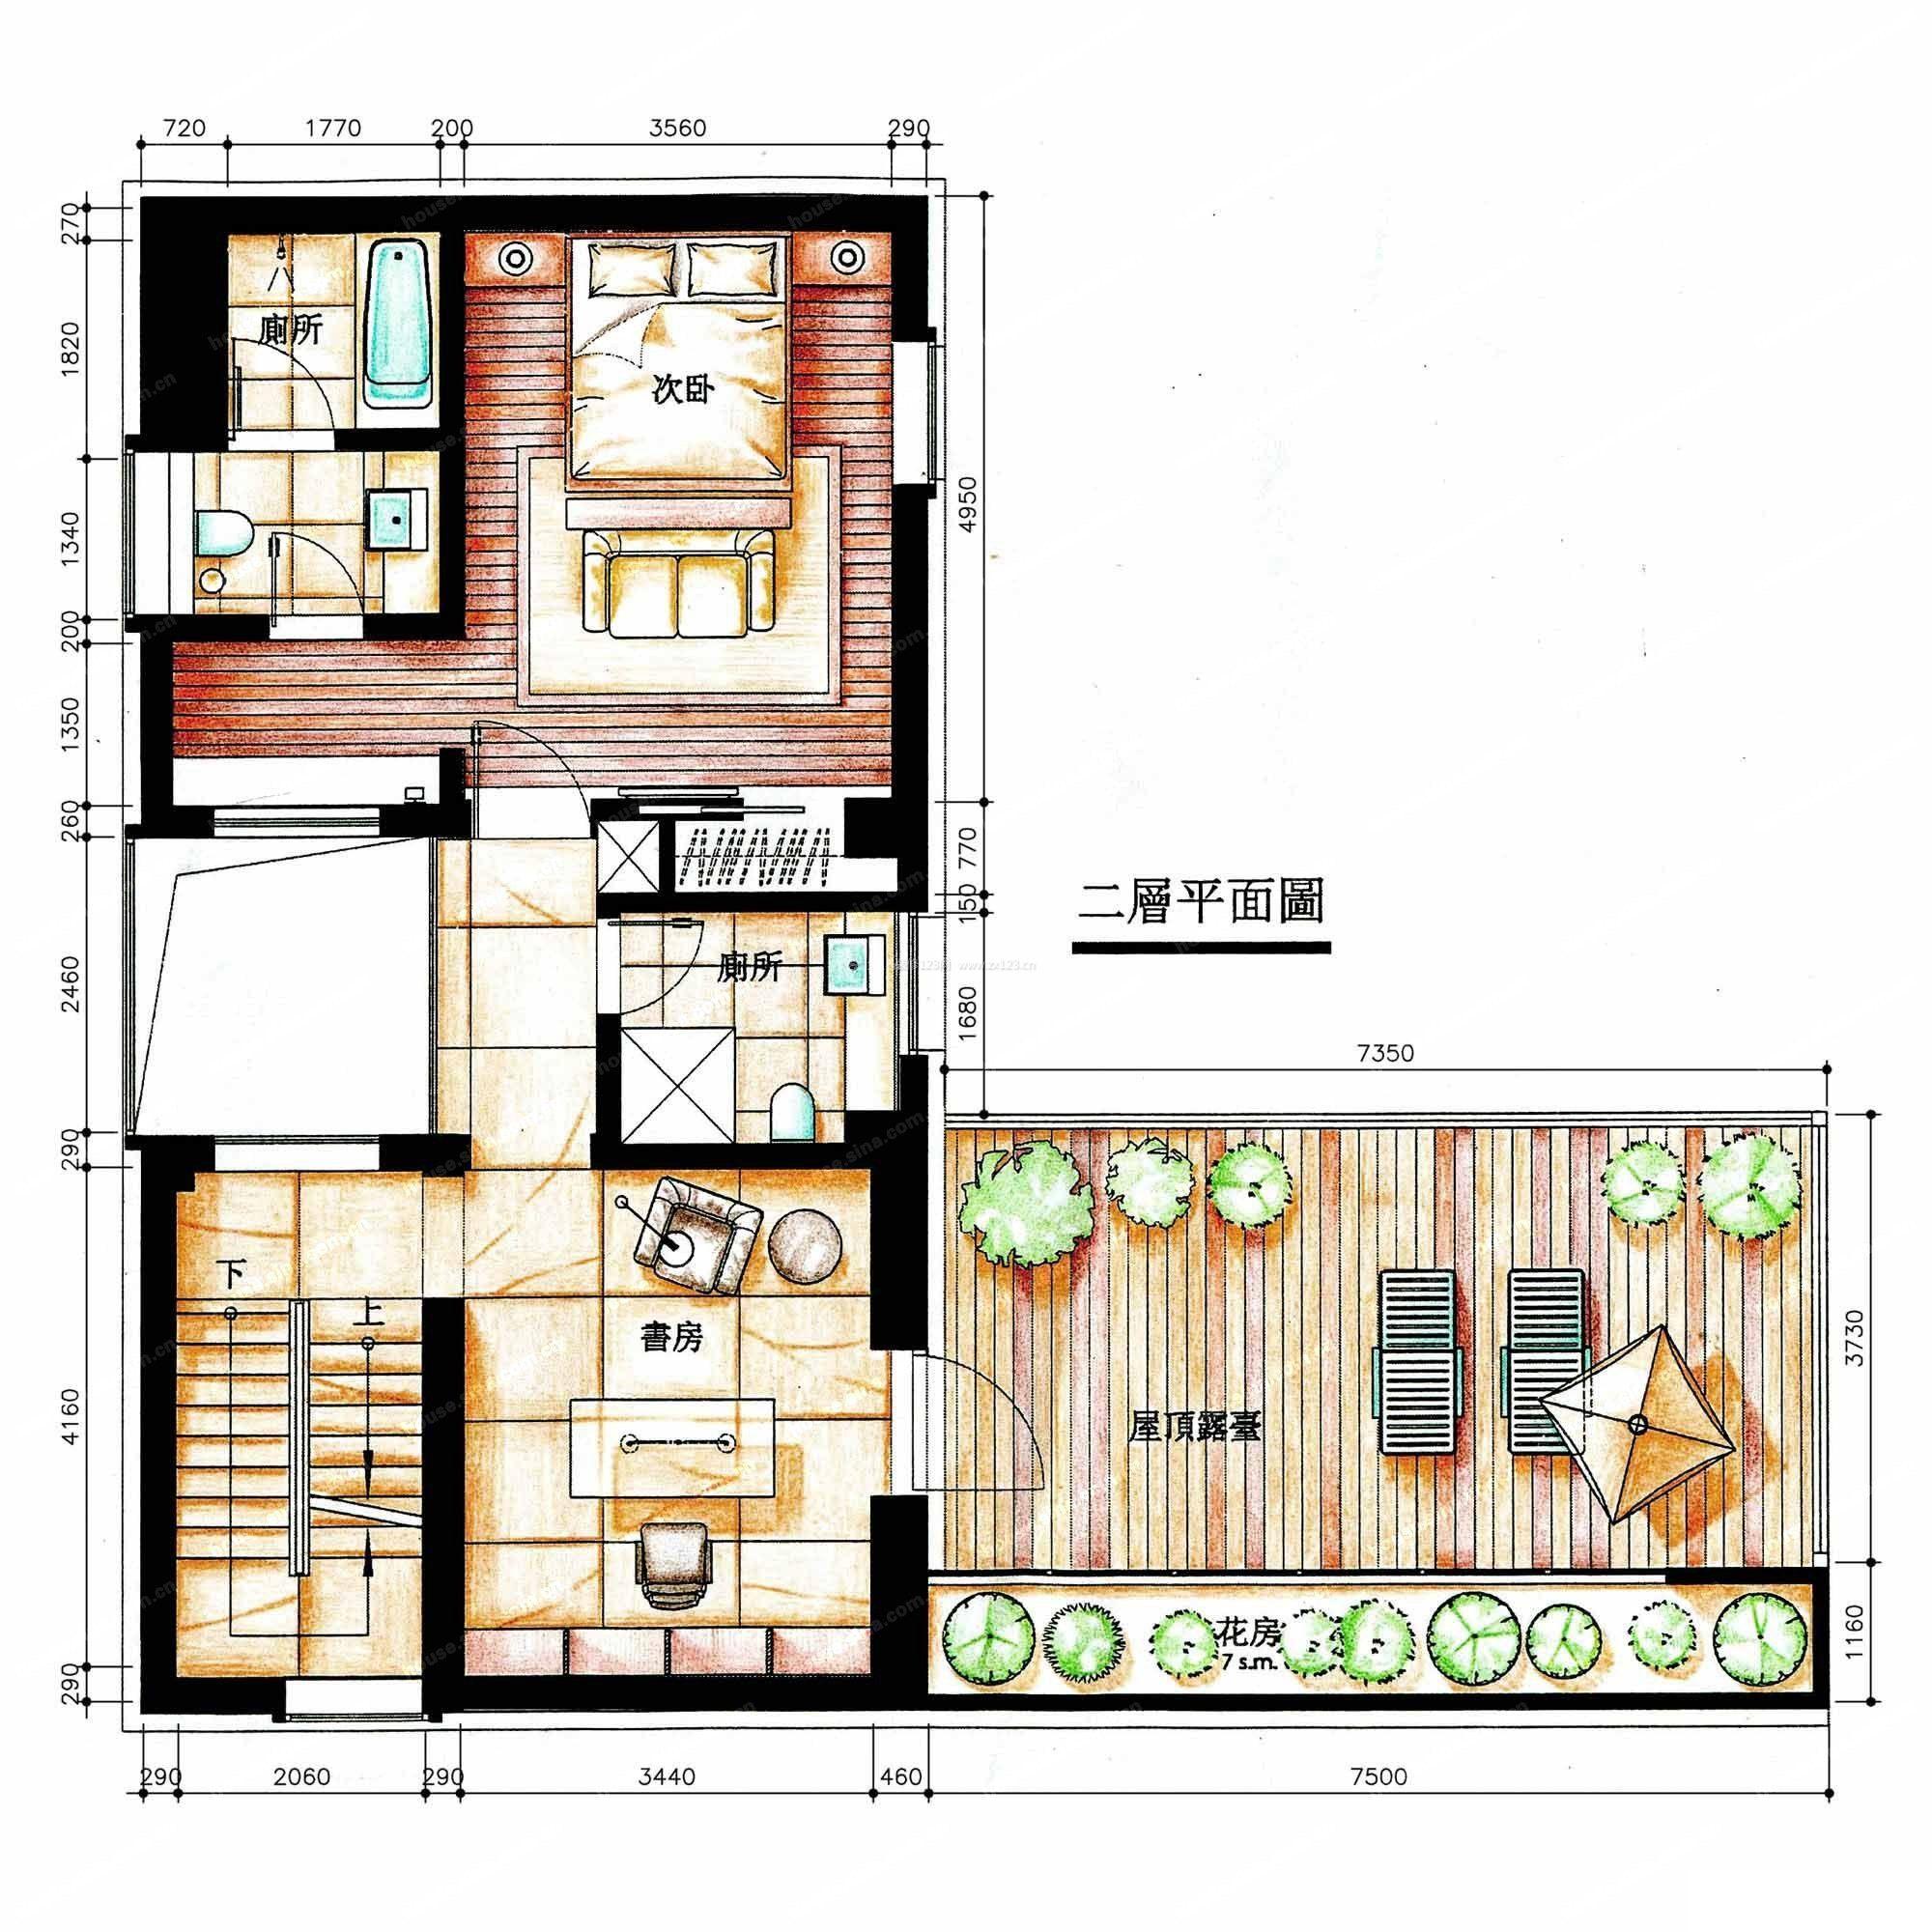 二层楼房露台阳光房设计平面图